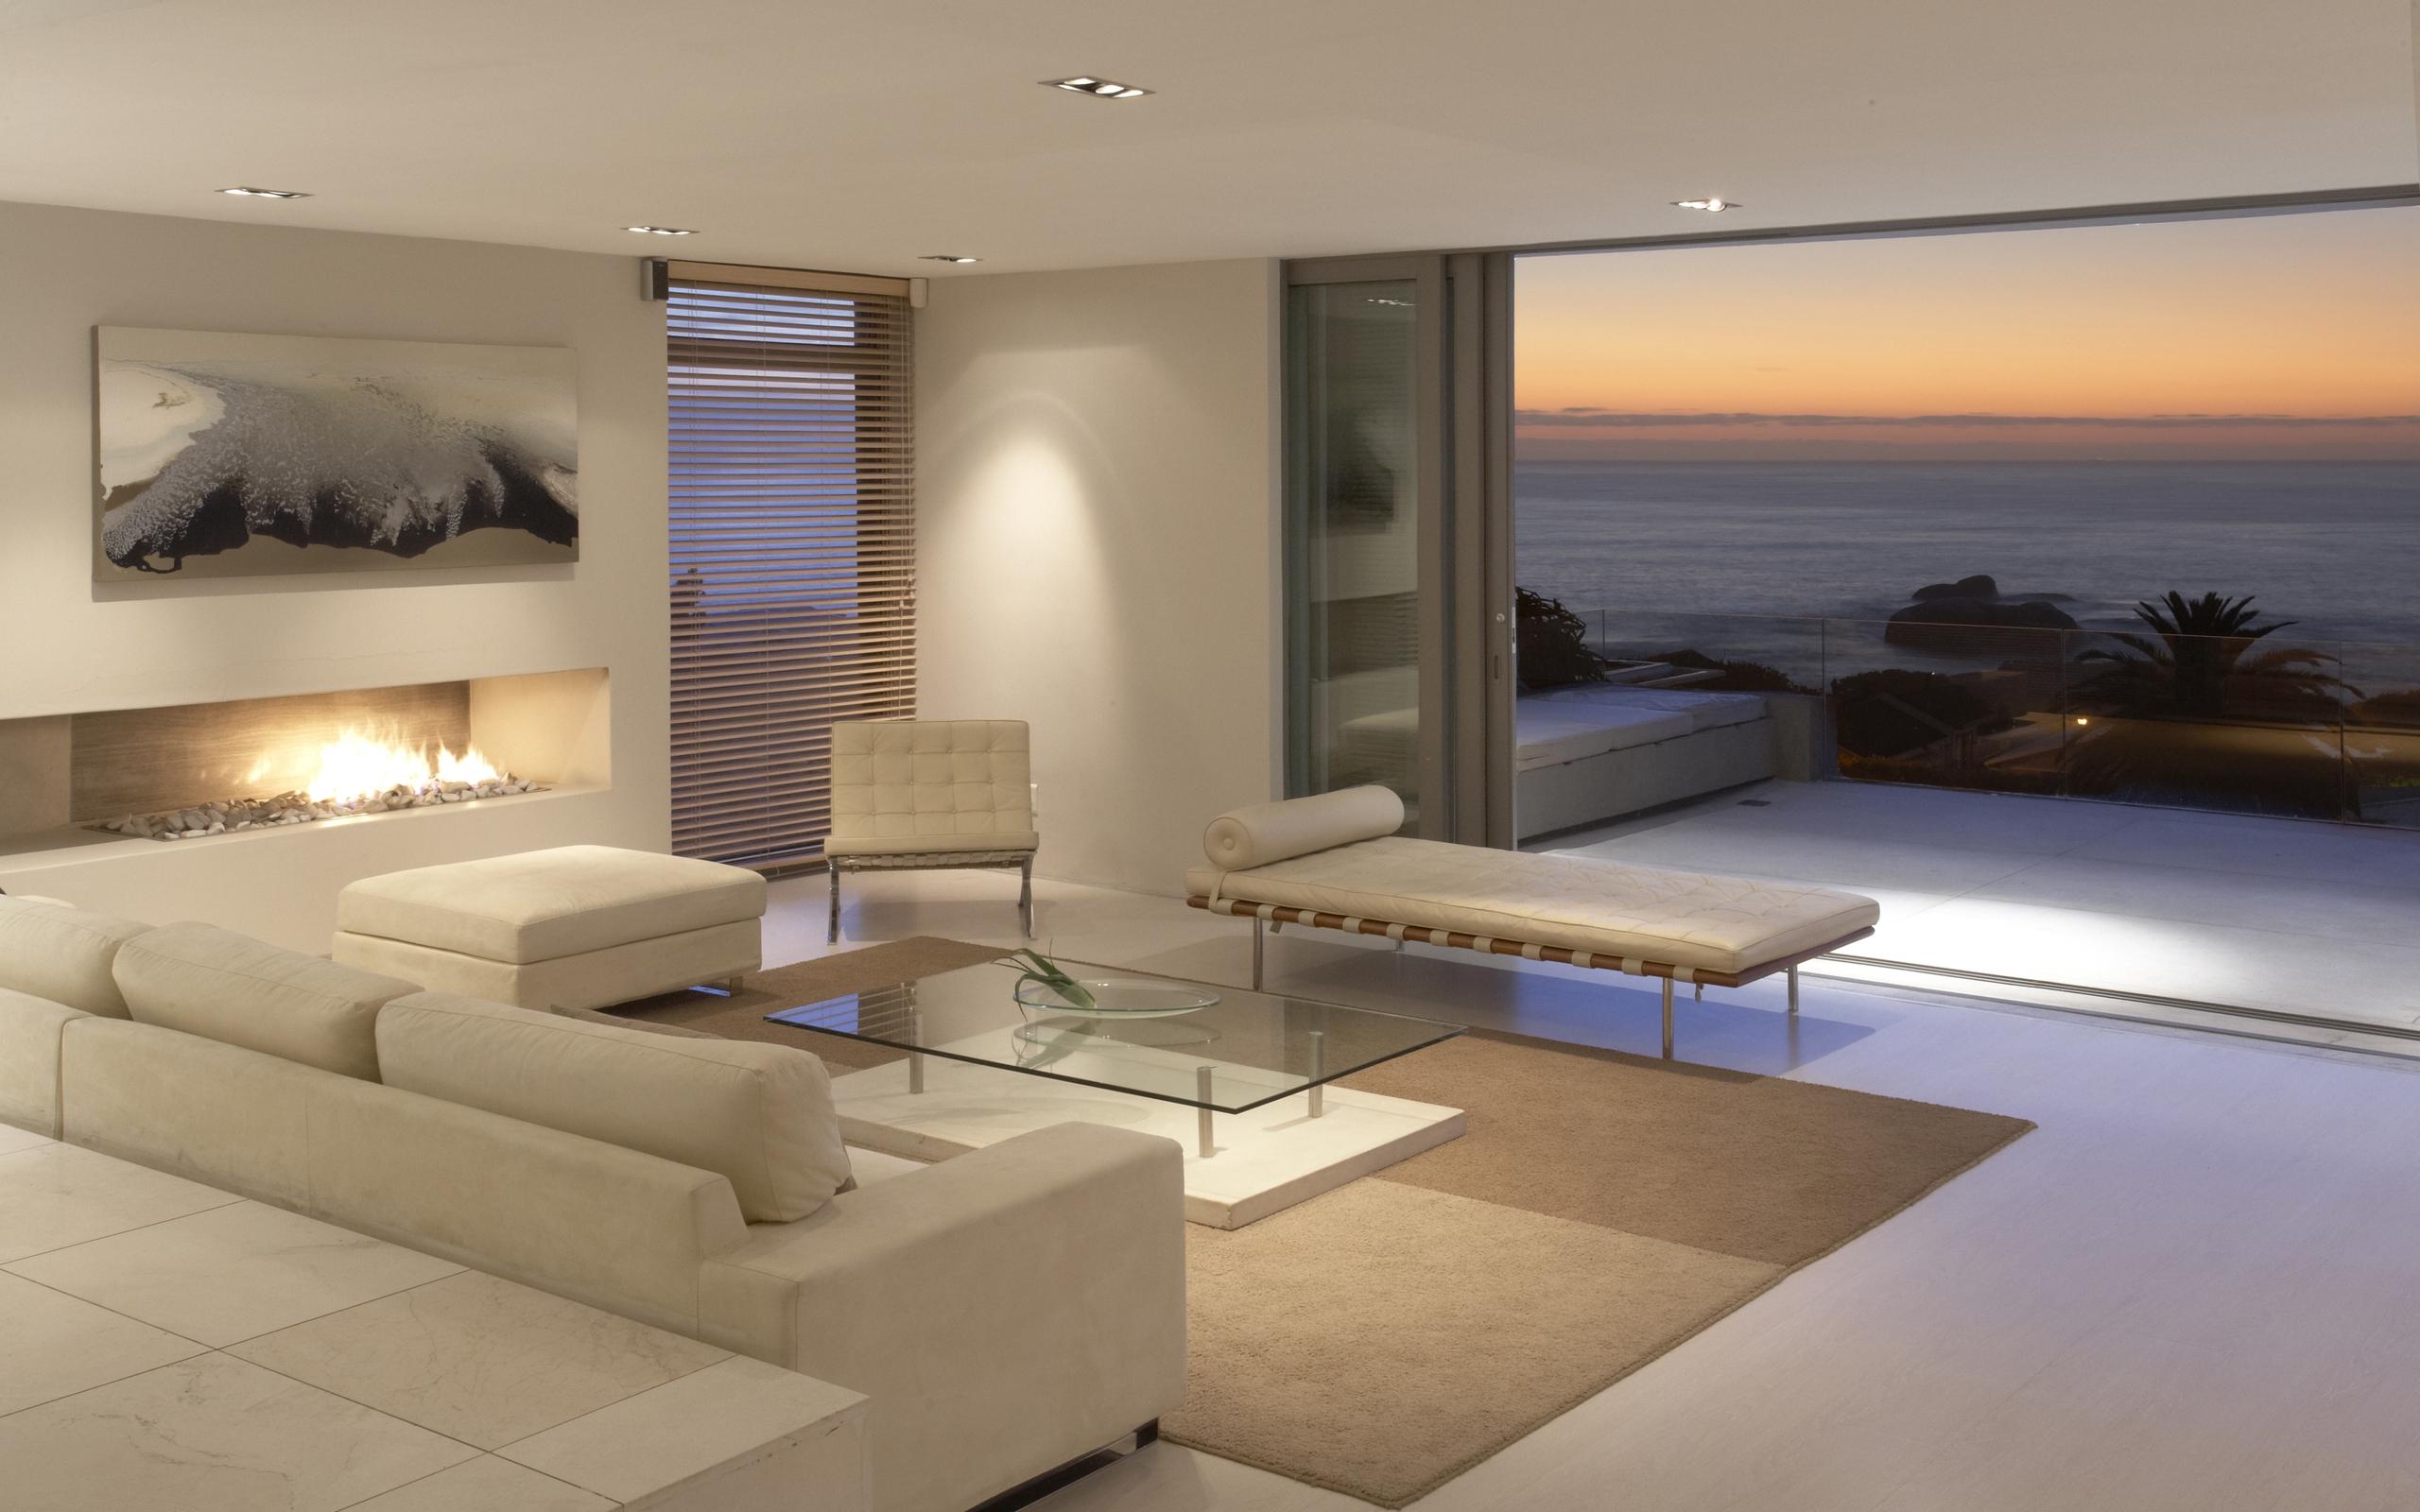 Innenarchitektur Yacht hintergrundbilder zimmer yacht innenarchitektur immobilien